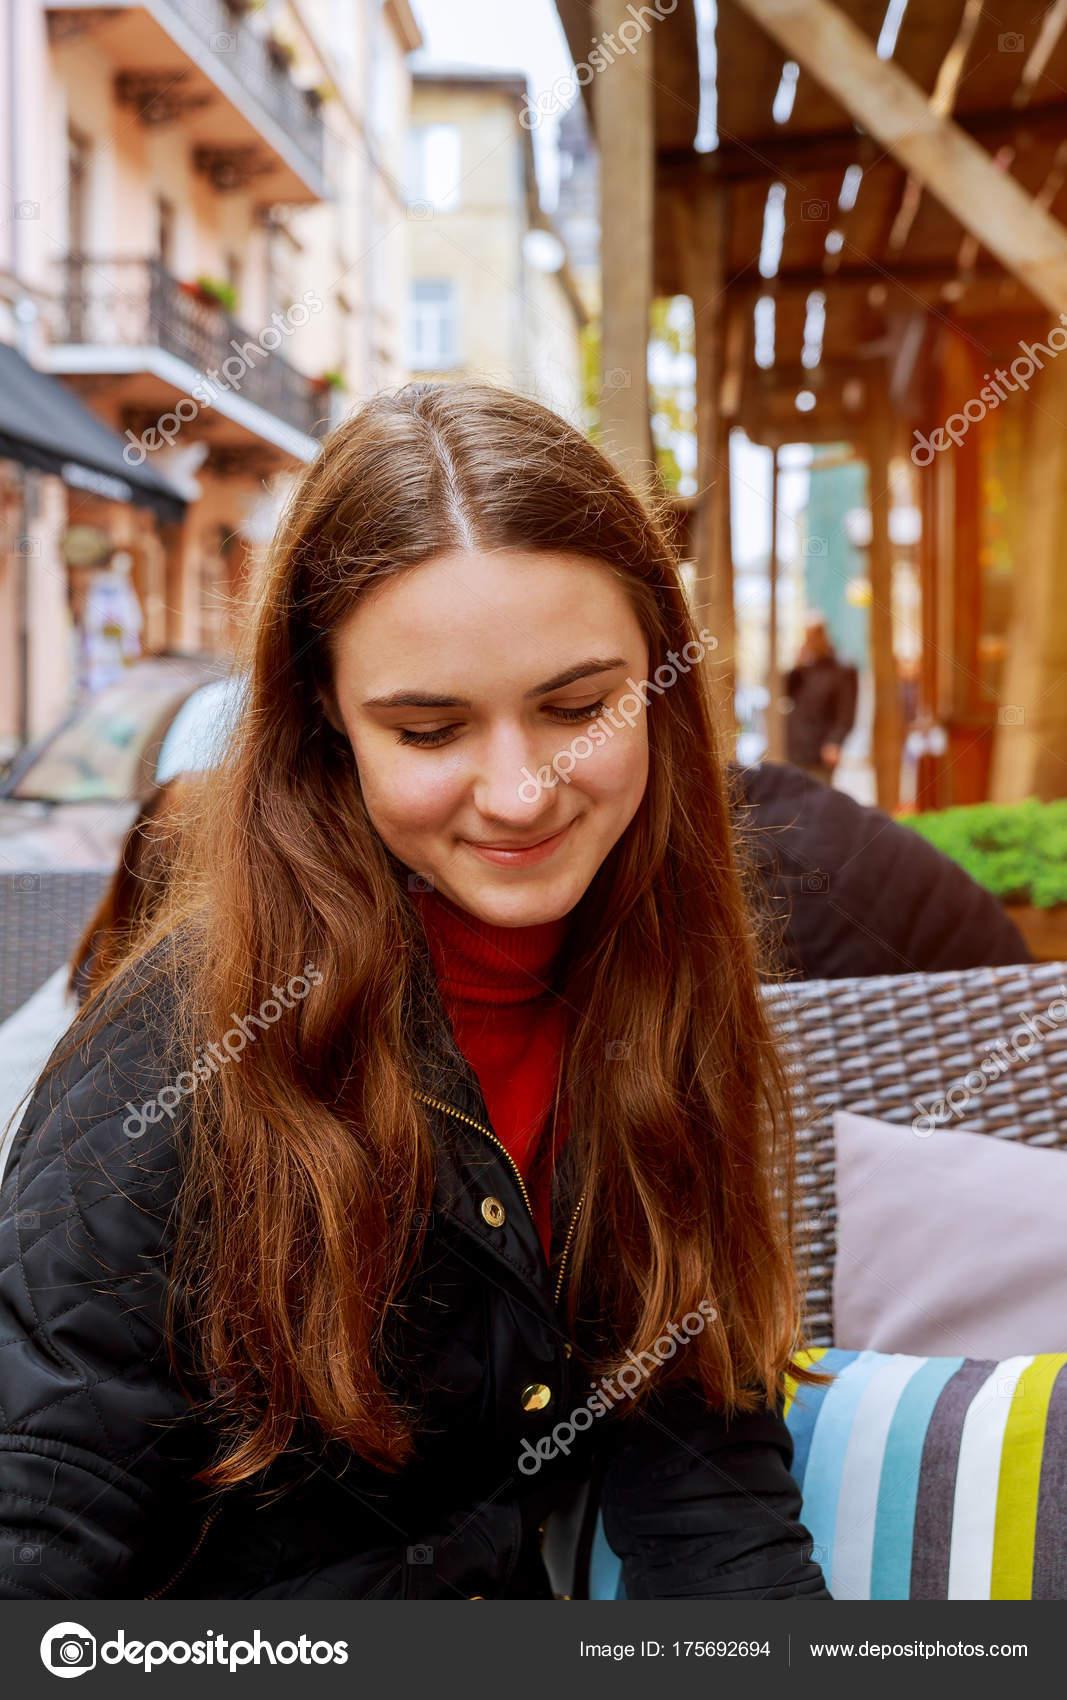 ITALSKÉ Sportovní kožené crossbody kabelky pro mladé holky Kasandra šedé, Sleva ITALSKÉ Kožené Italské kabelky crossbody růžově černá Milana.